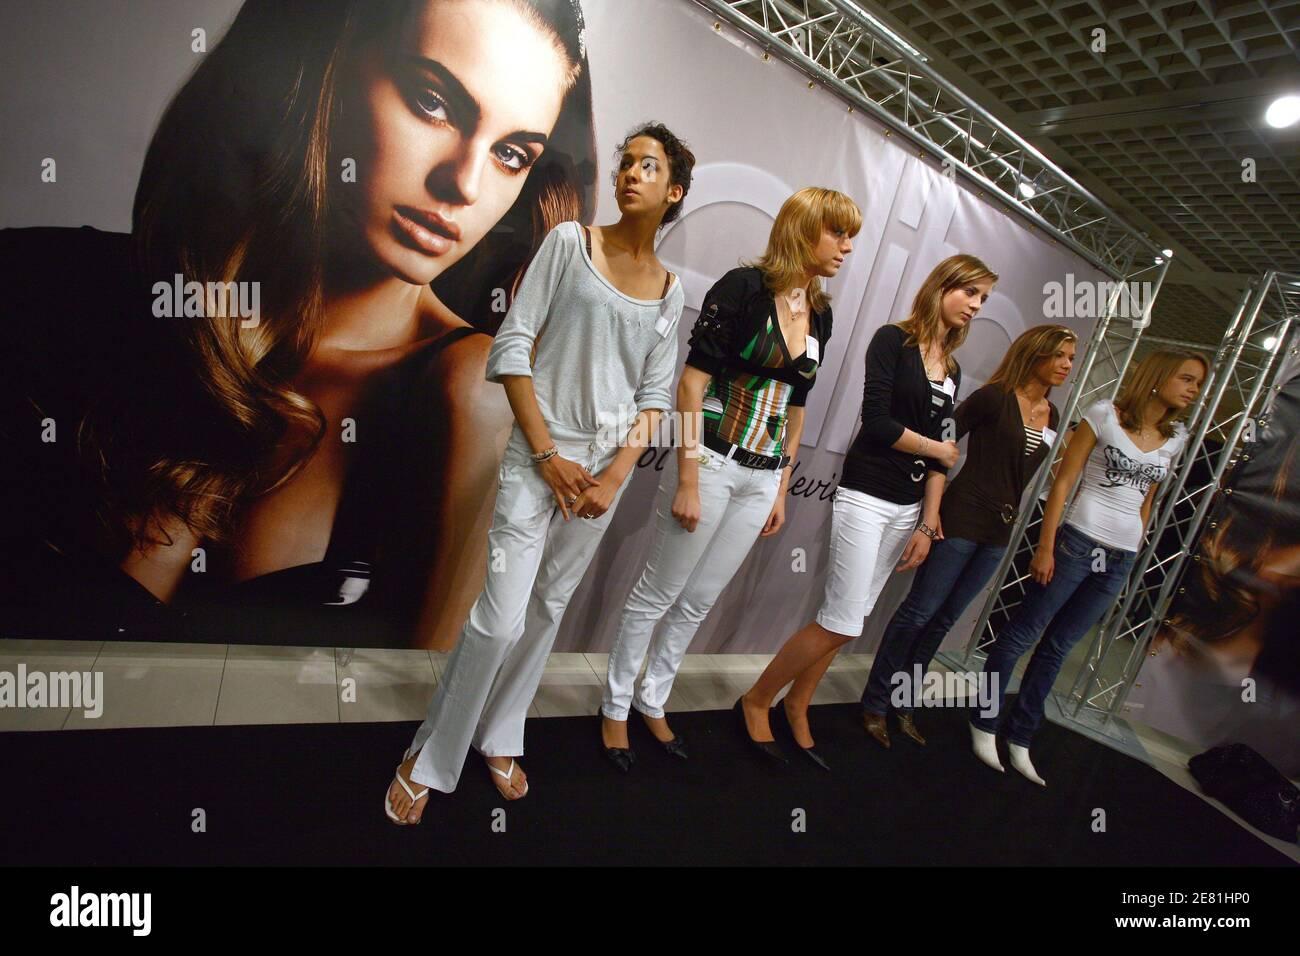 Модельное агентство elite москва работа в калуге свежие вакансии для девушек без опыта